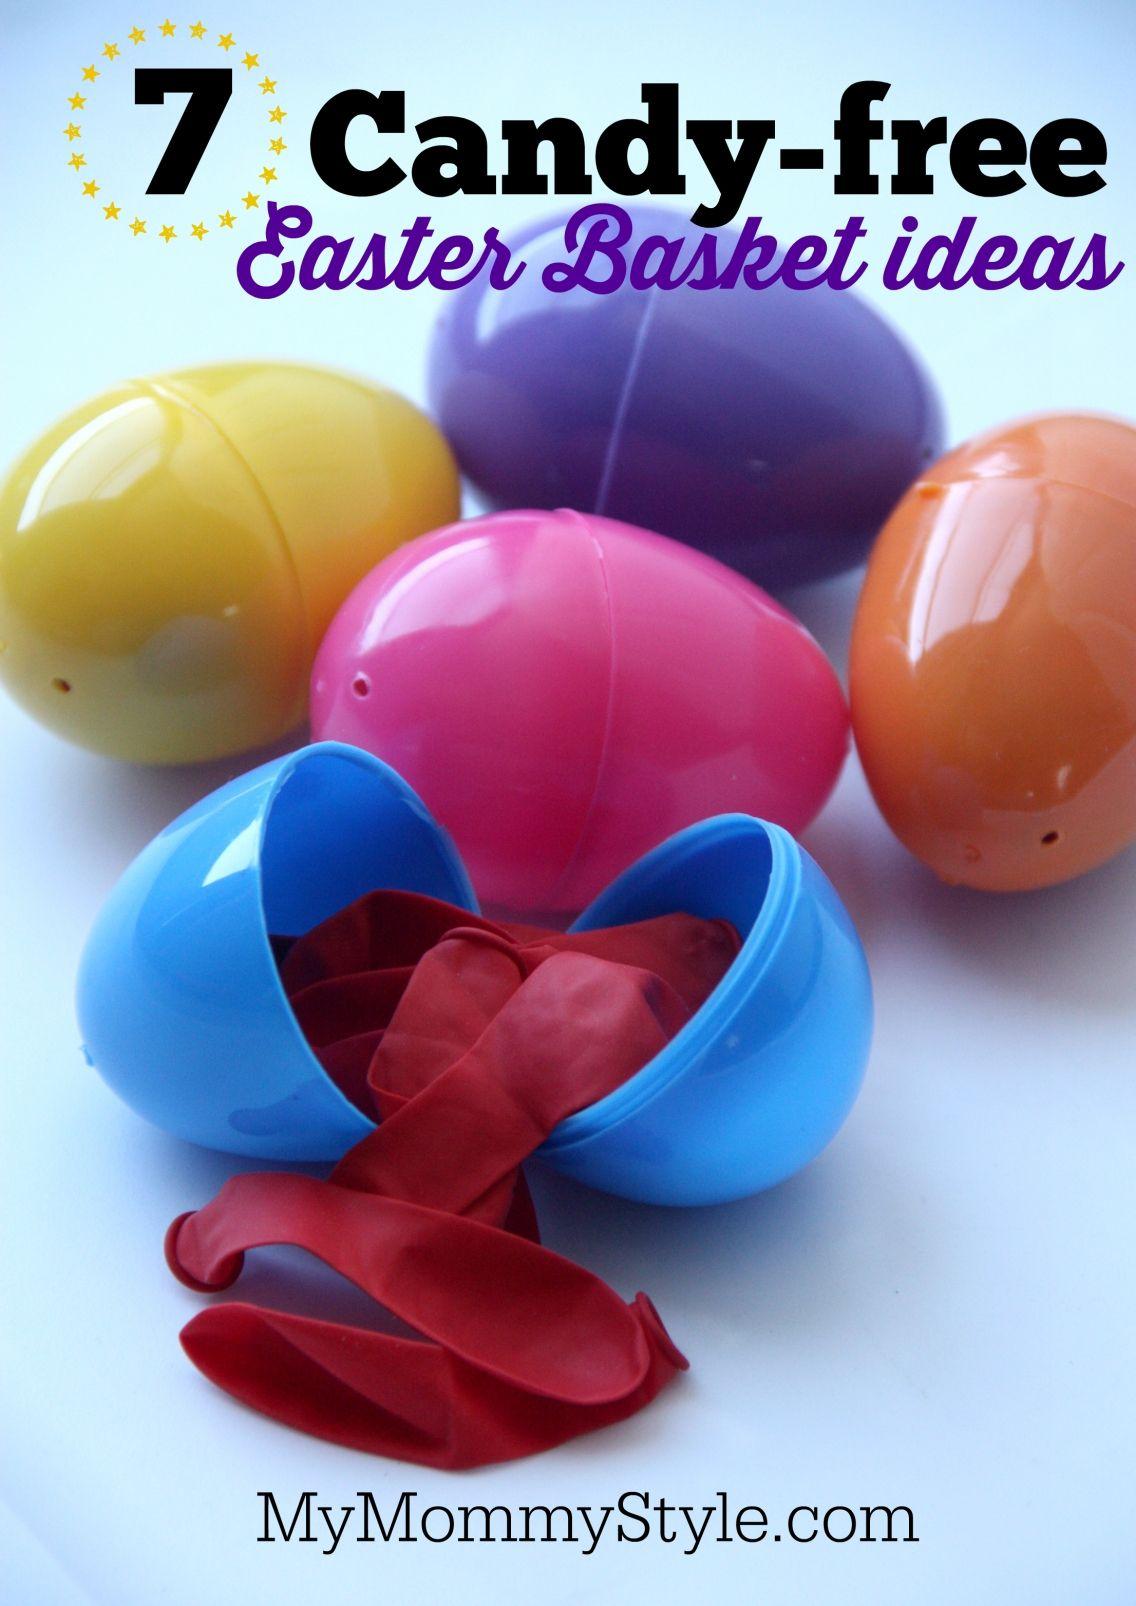 Candyfreeeasterbasketideas easter basket ideas pinterest candyfreeeasterbasketideas negle Images